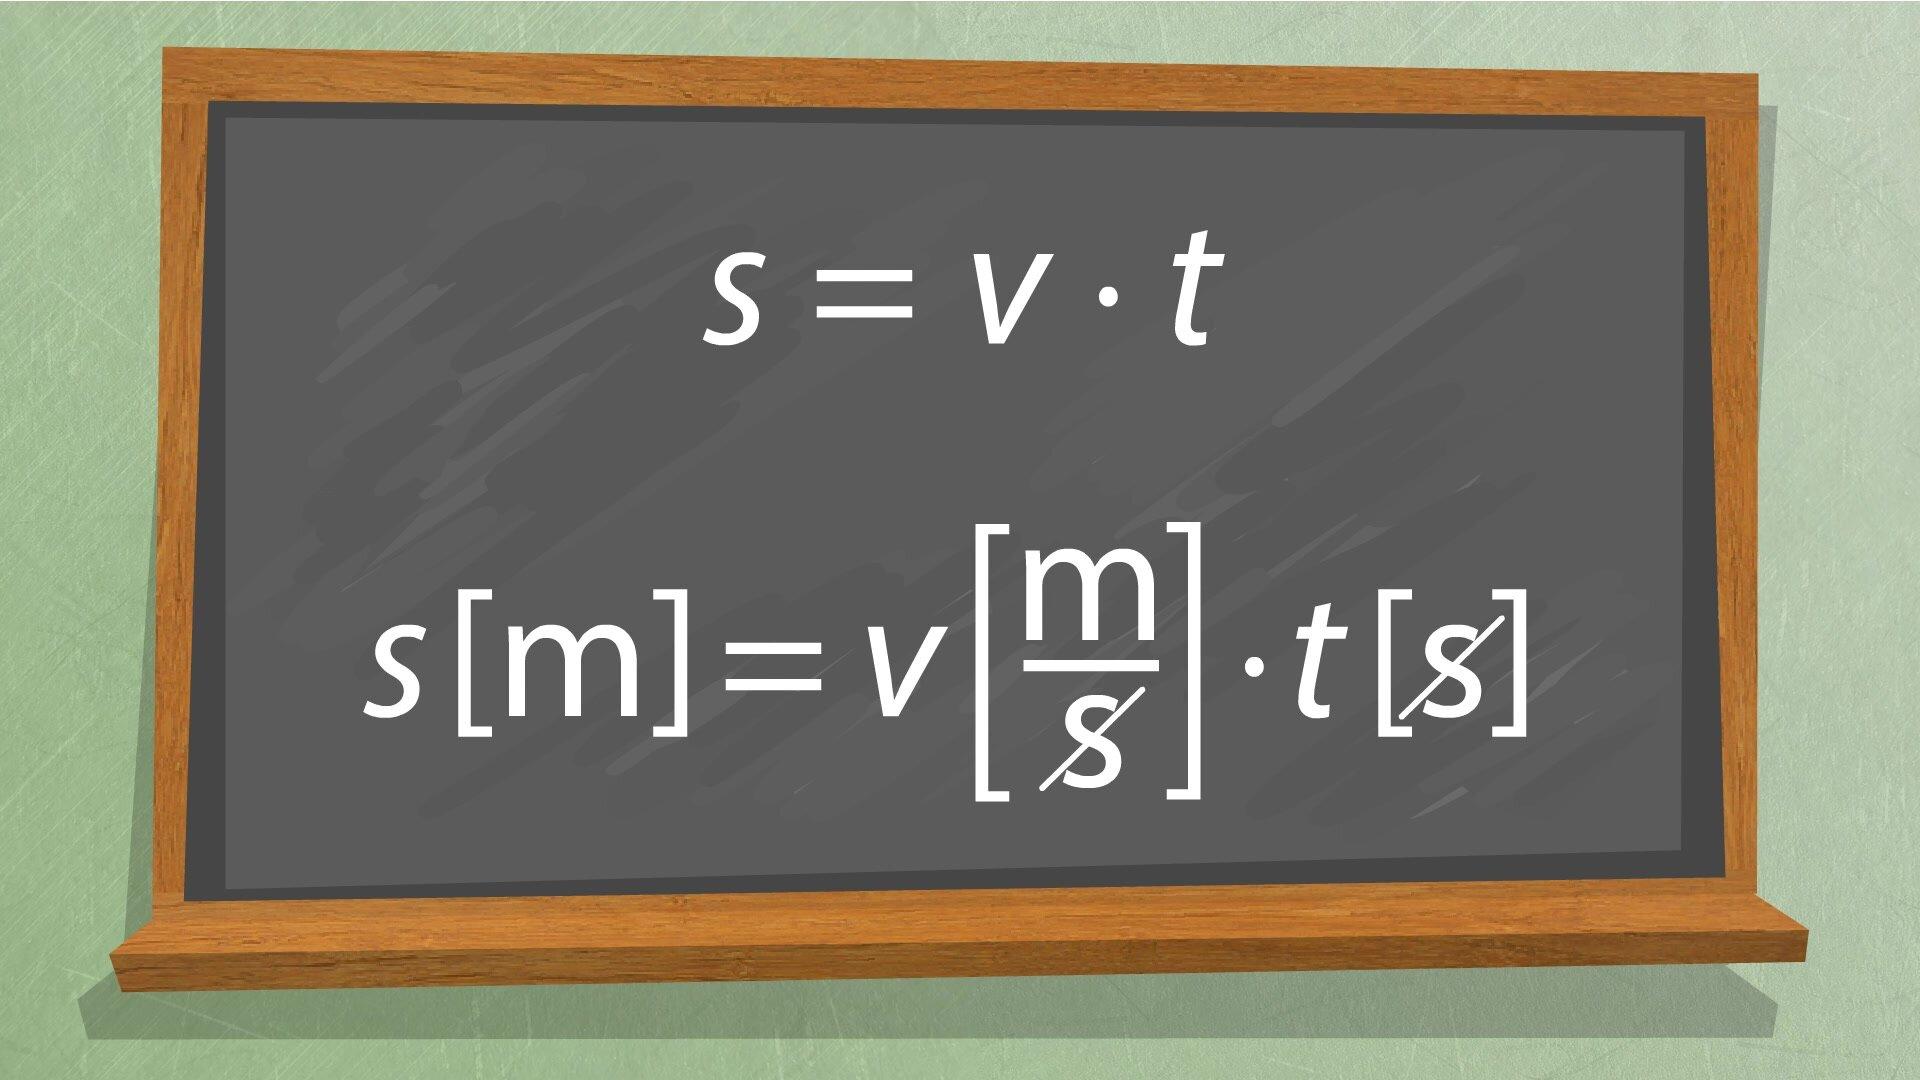 Ilustracja przedstawia wzory fizyczne zapisane na tablicy szkolnej.